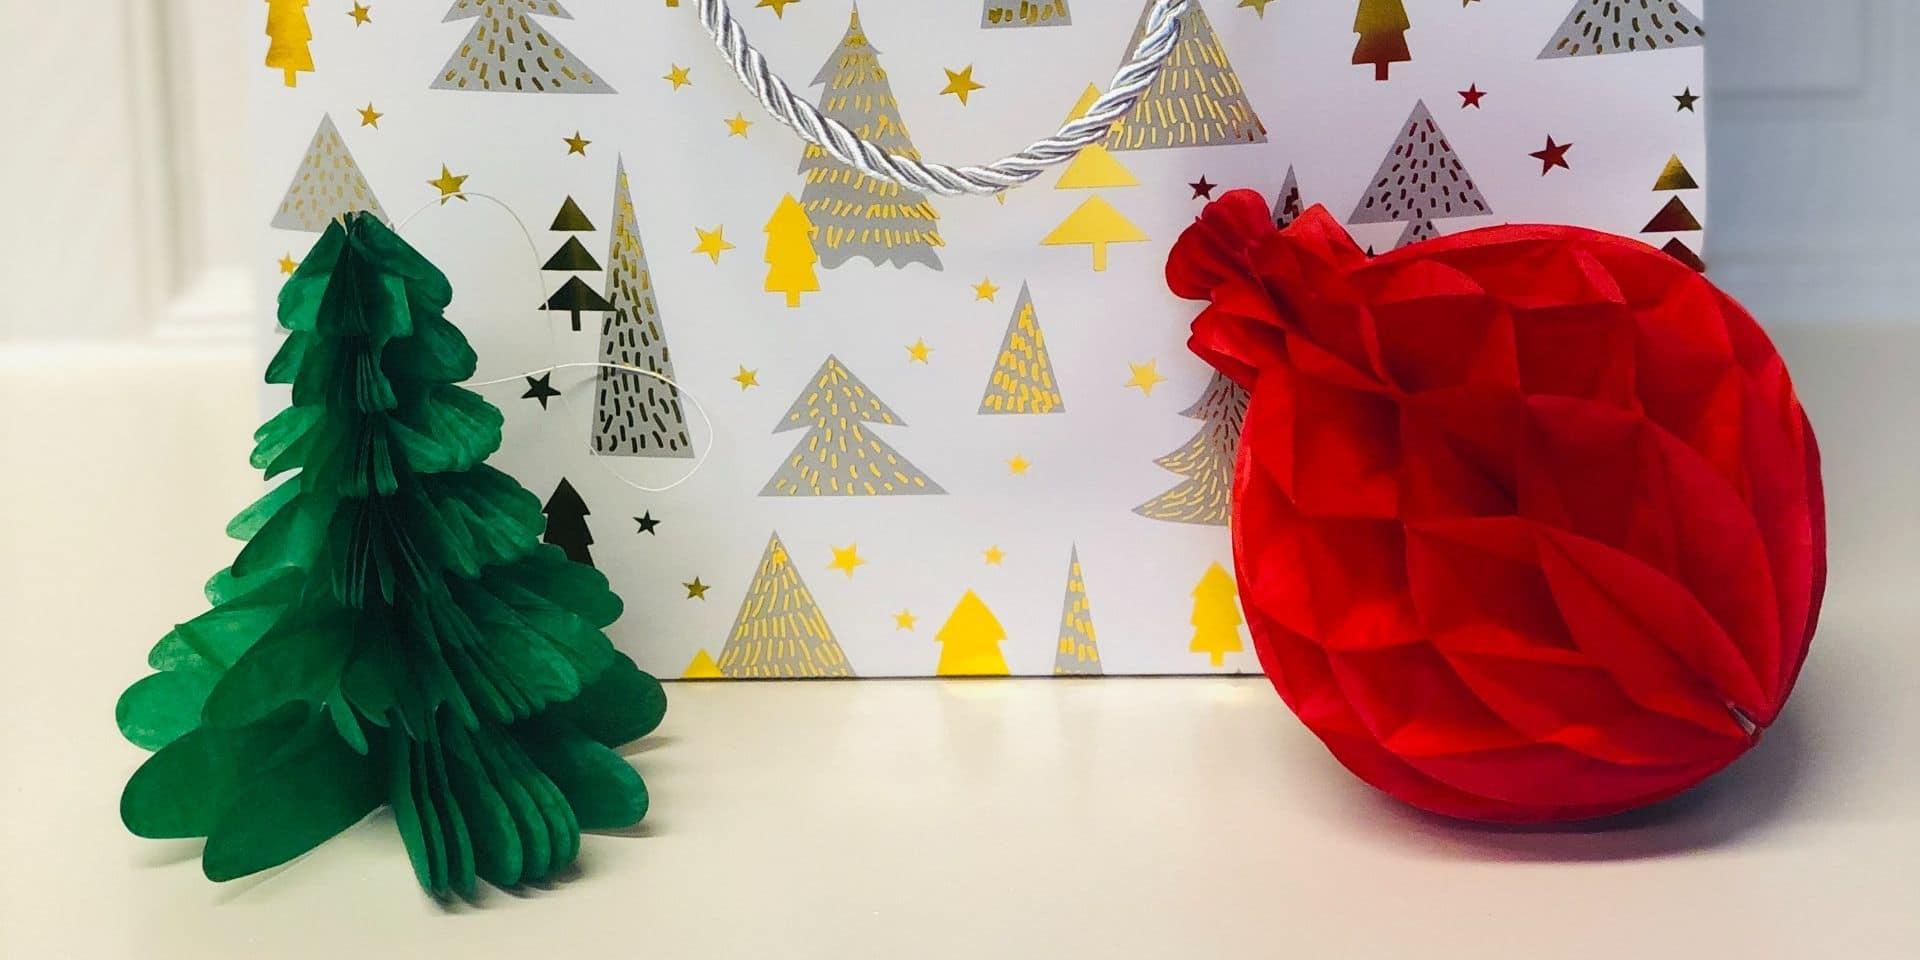 Lasne veut égayer les fêtes des personnes isolées avec des boîtes à cadeaux